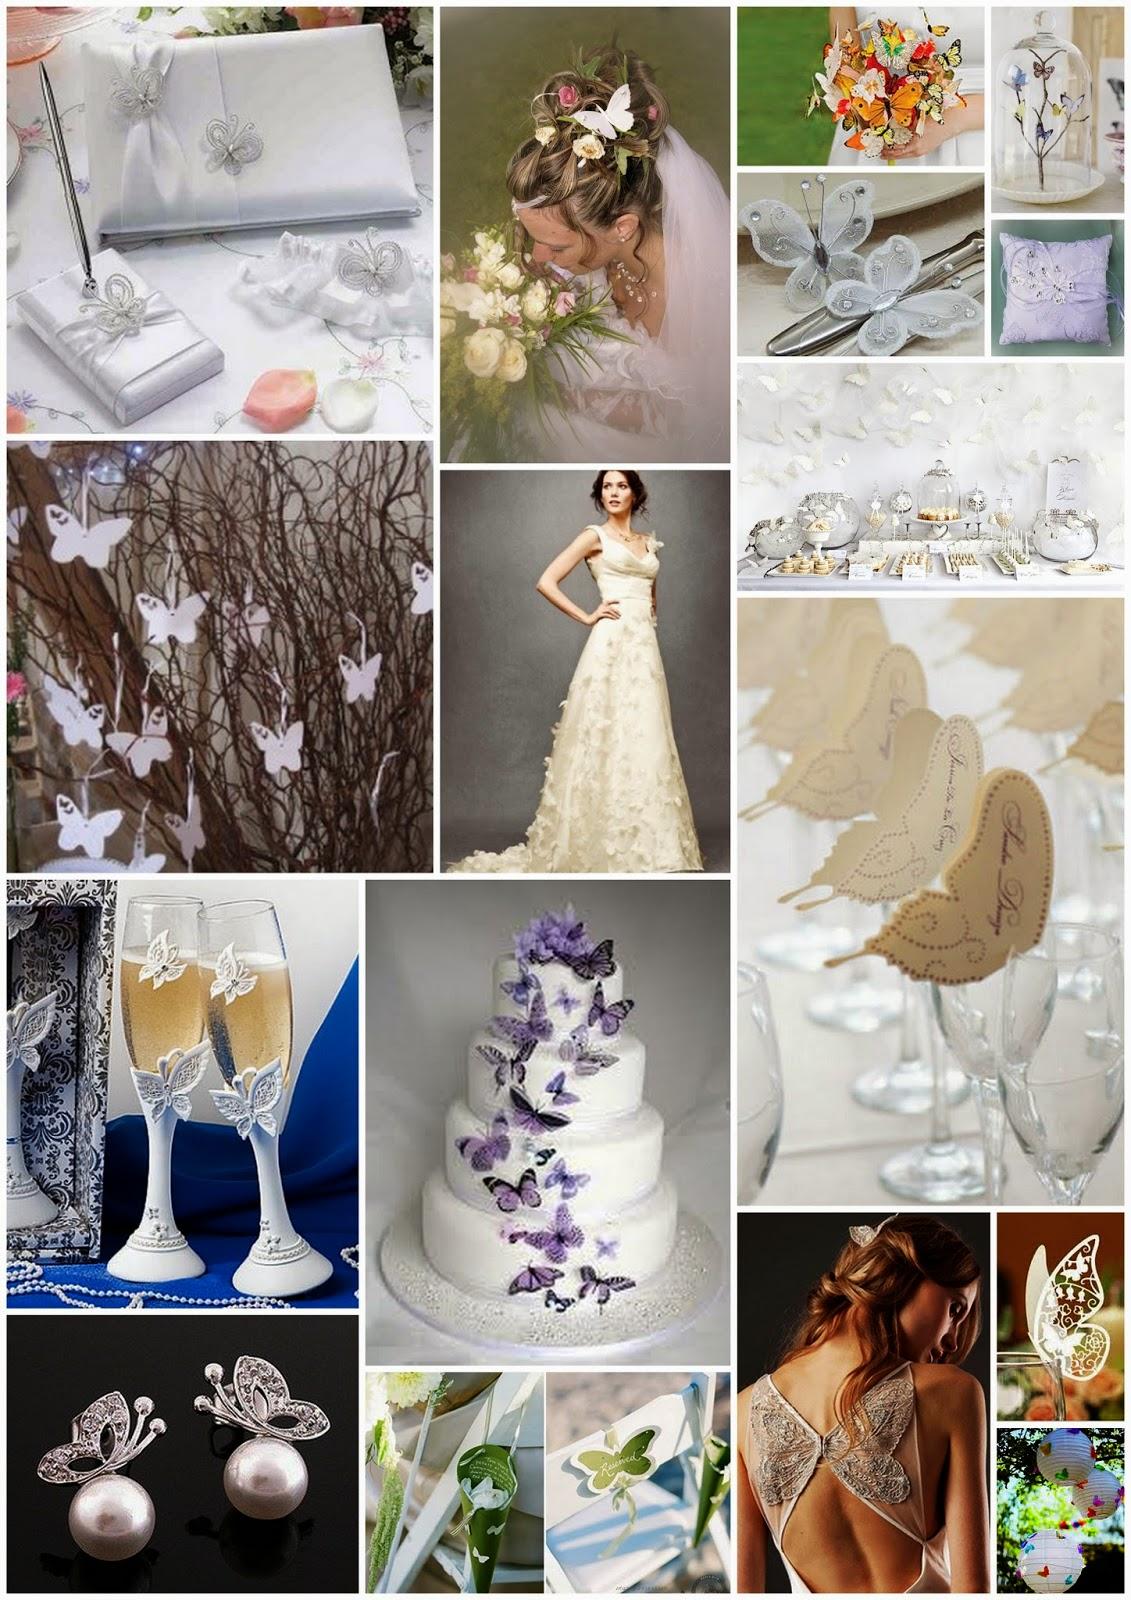 Matrimonio Tema Moderno : Matrimonio e un tocco di classe temi per